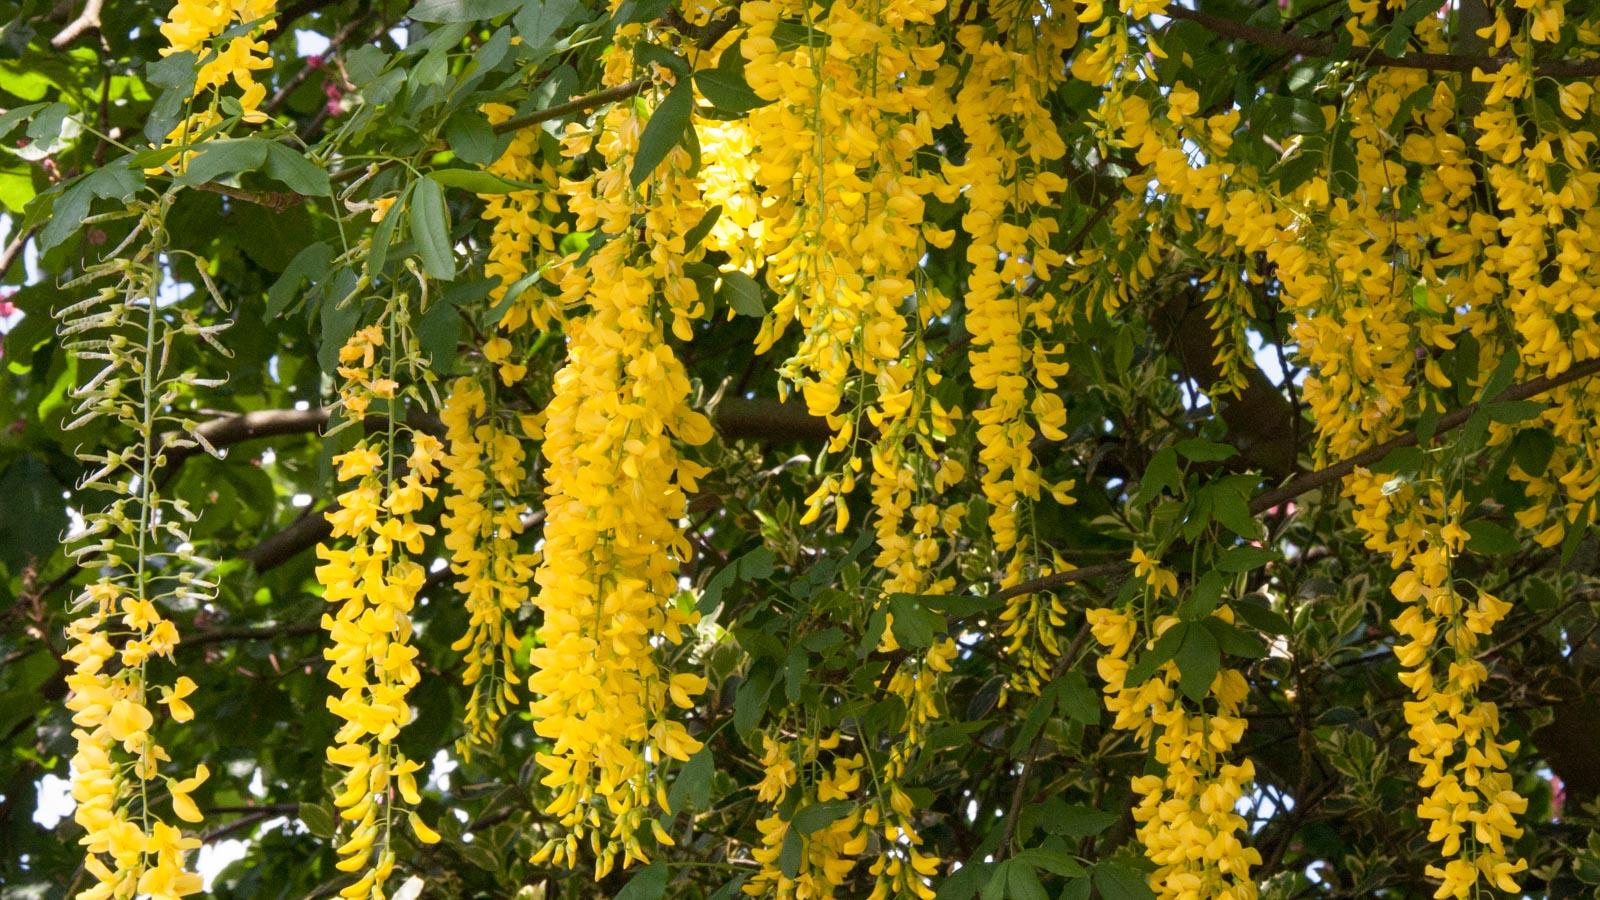 Goldregen-Giftpflanze im Garten